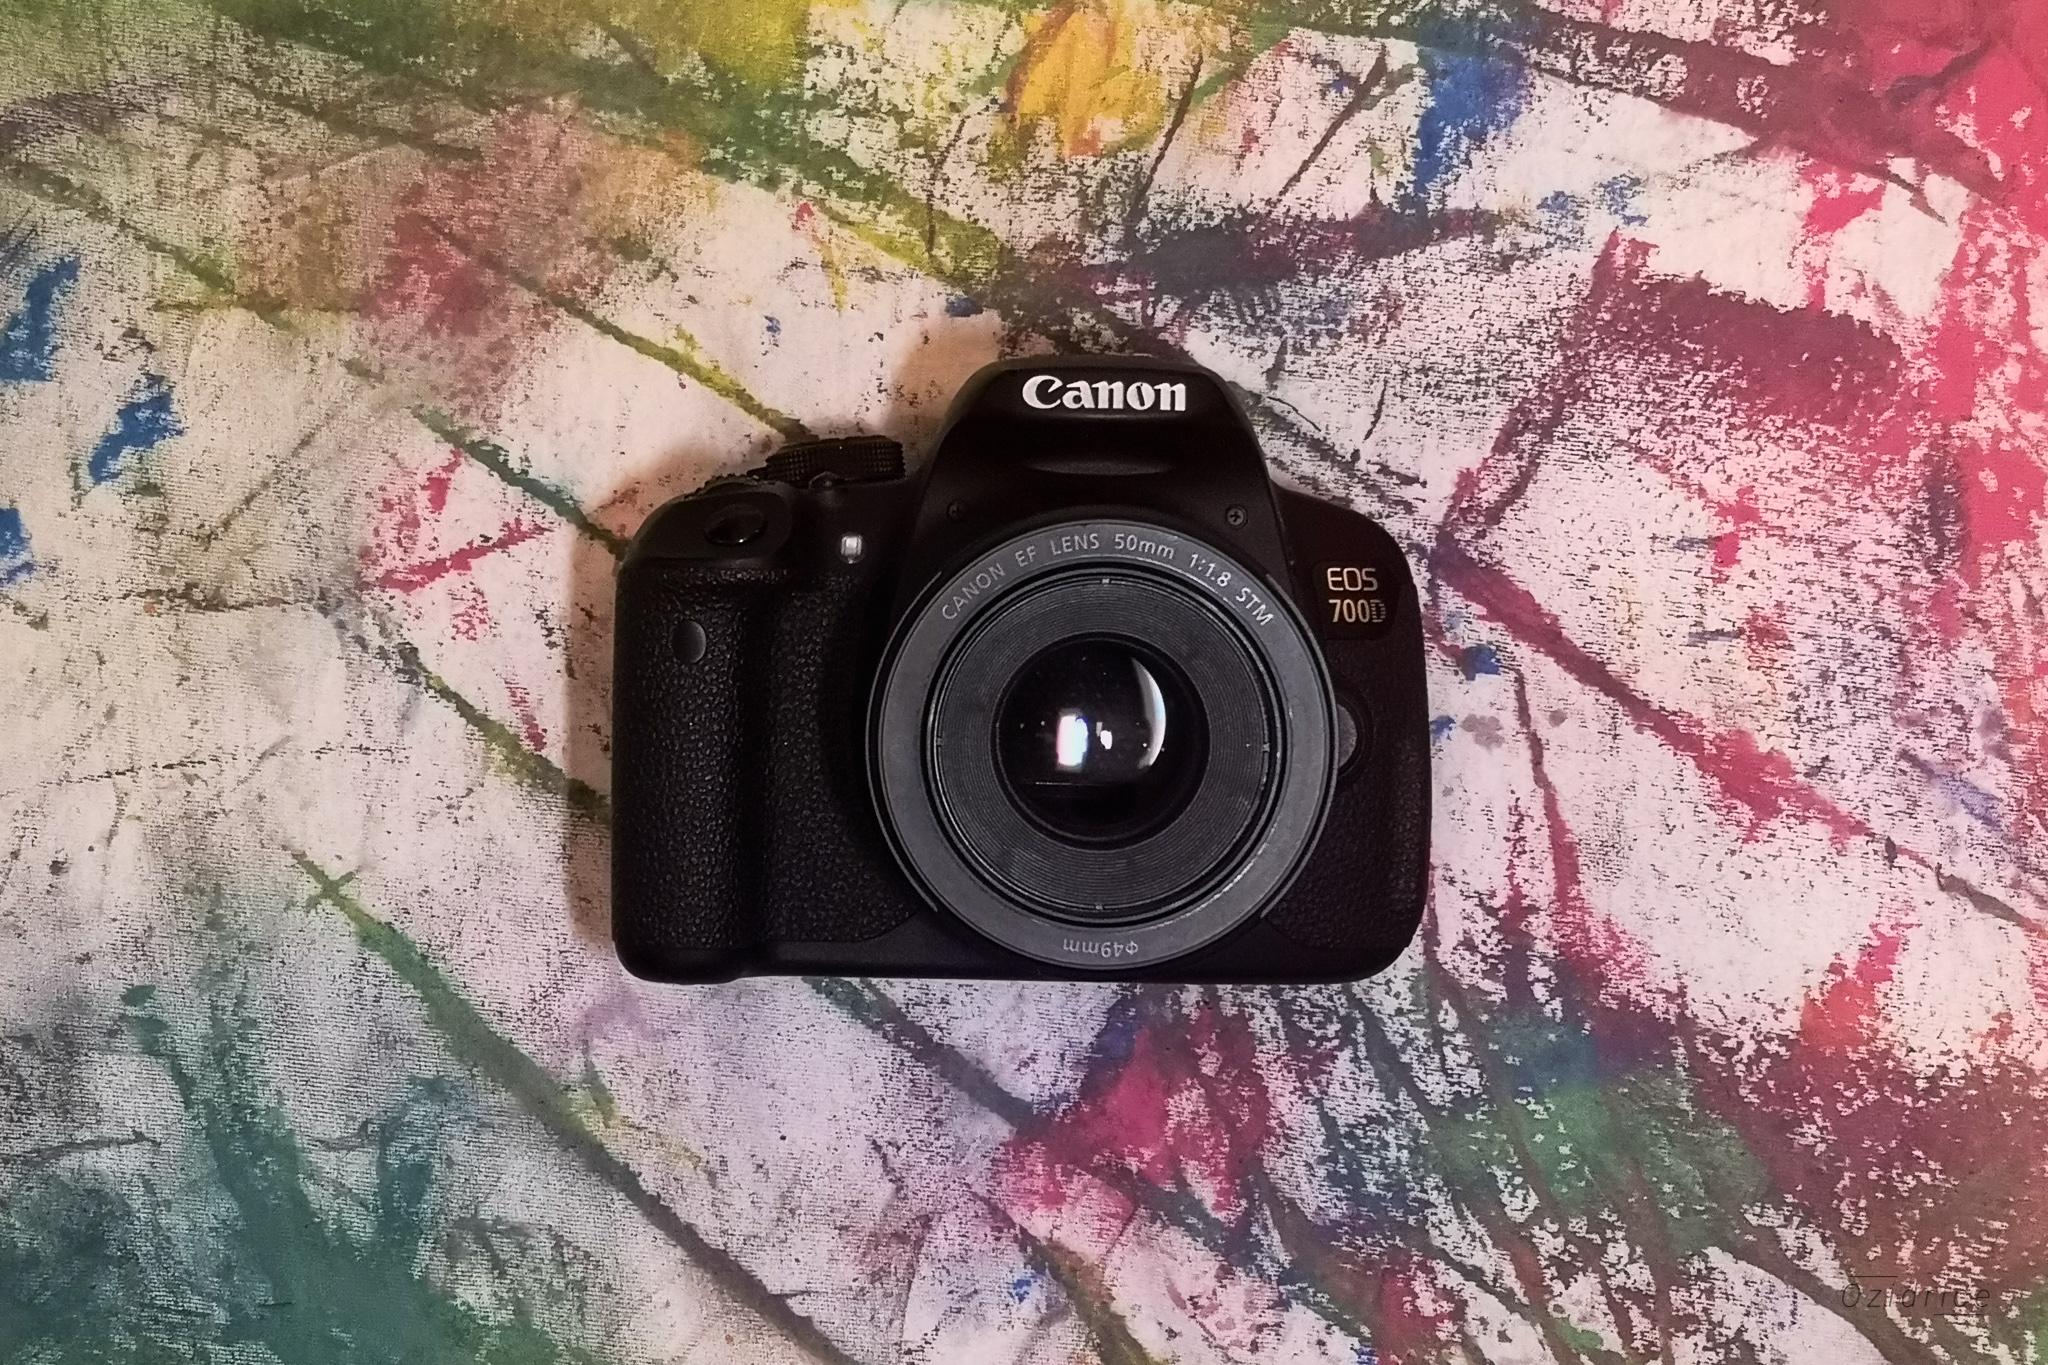 Appareil photo numérique de marque Canon sur un fond coloré